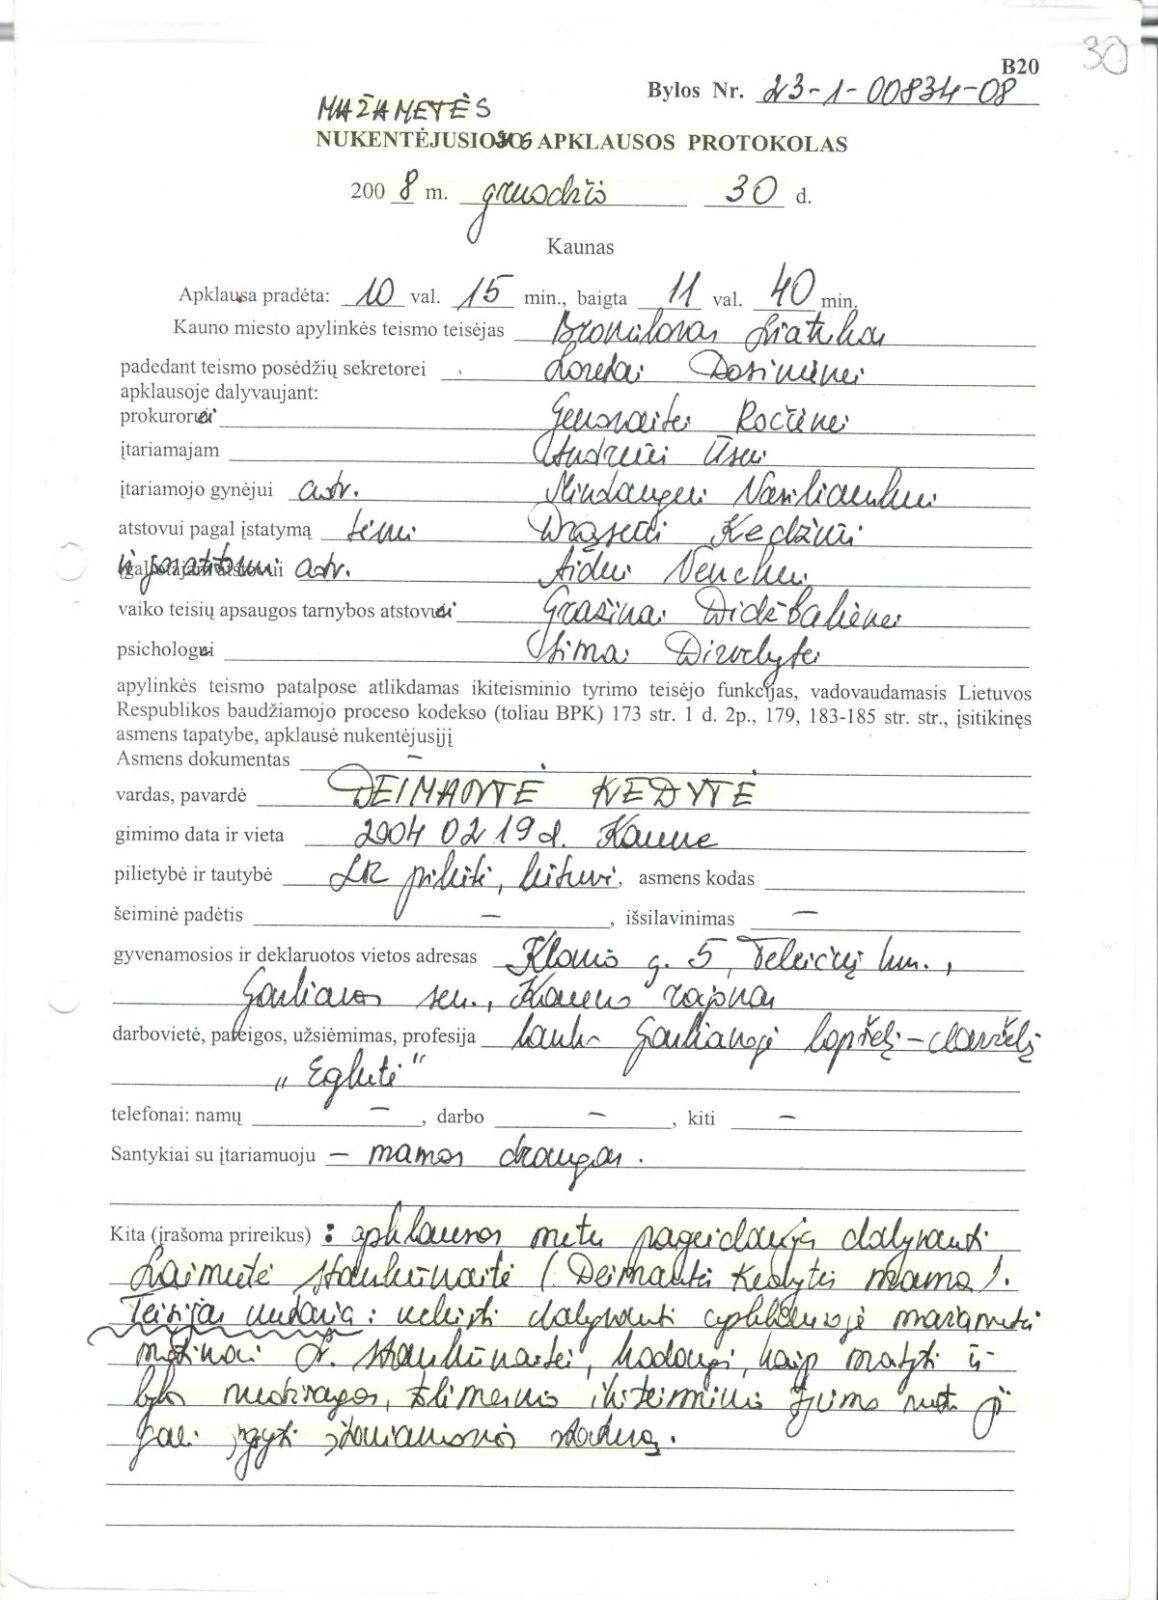 Nuo pedofilų nukentėjusios mažametės Deimantės Kedytės apklausos teisme protokolas